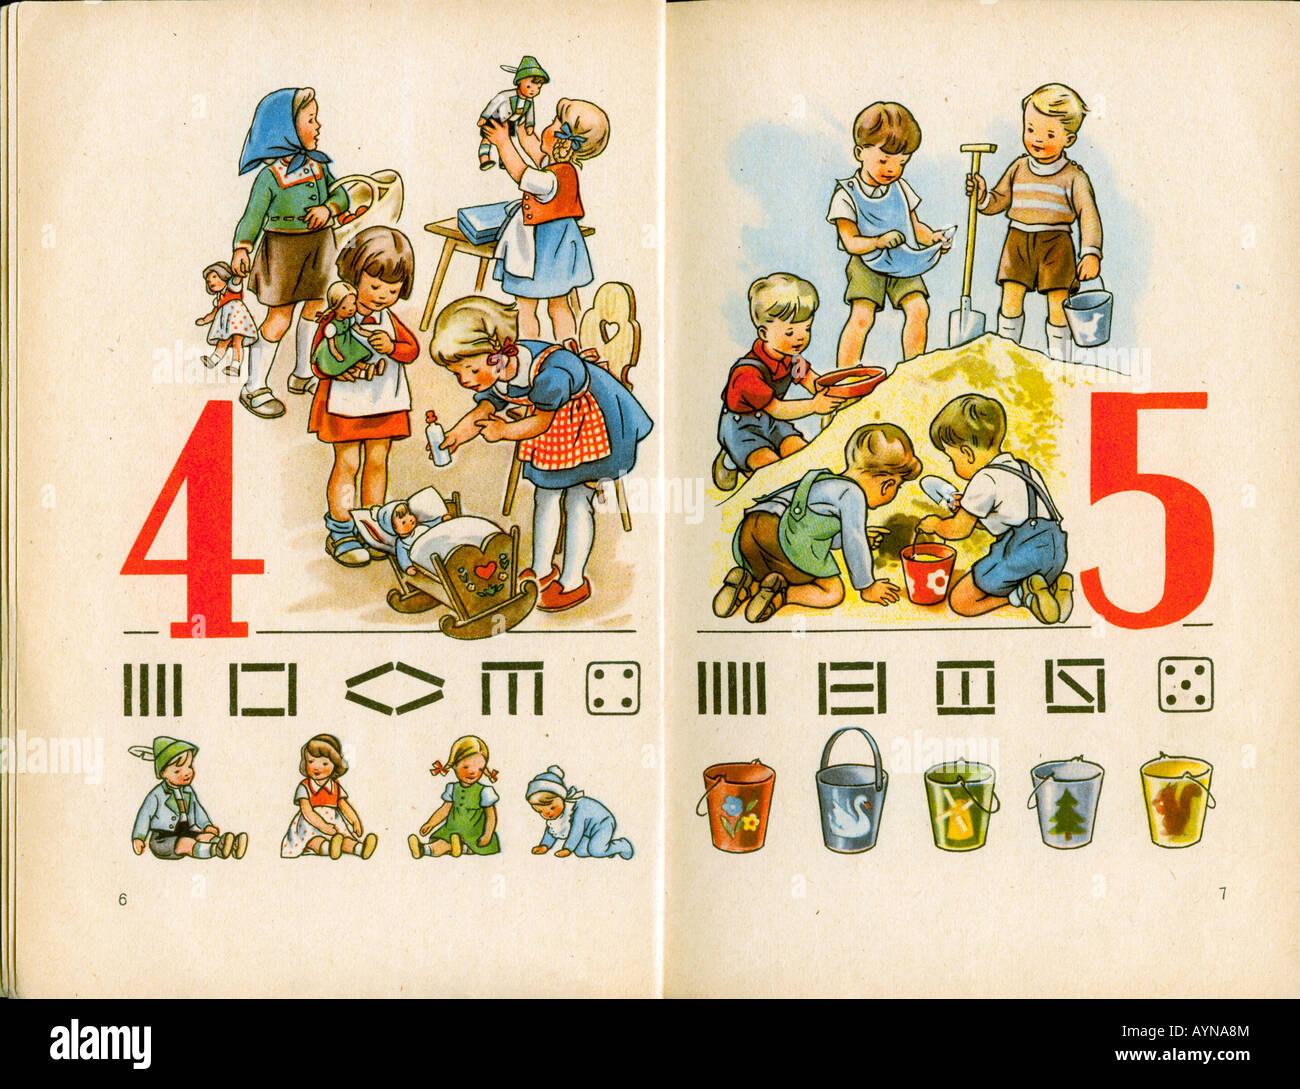 """""""Bildung, Unterrichtsmaterial, Schulbuch""""Leben Und Zahl""""(Leben und Figur), 1. Form veröffentlichen Stockbild"""